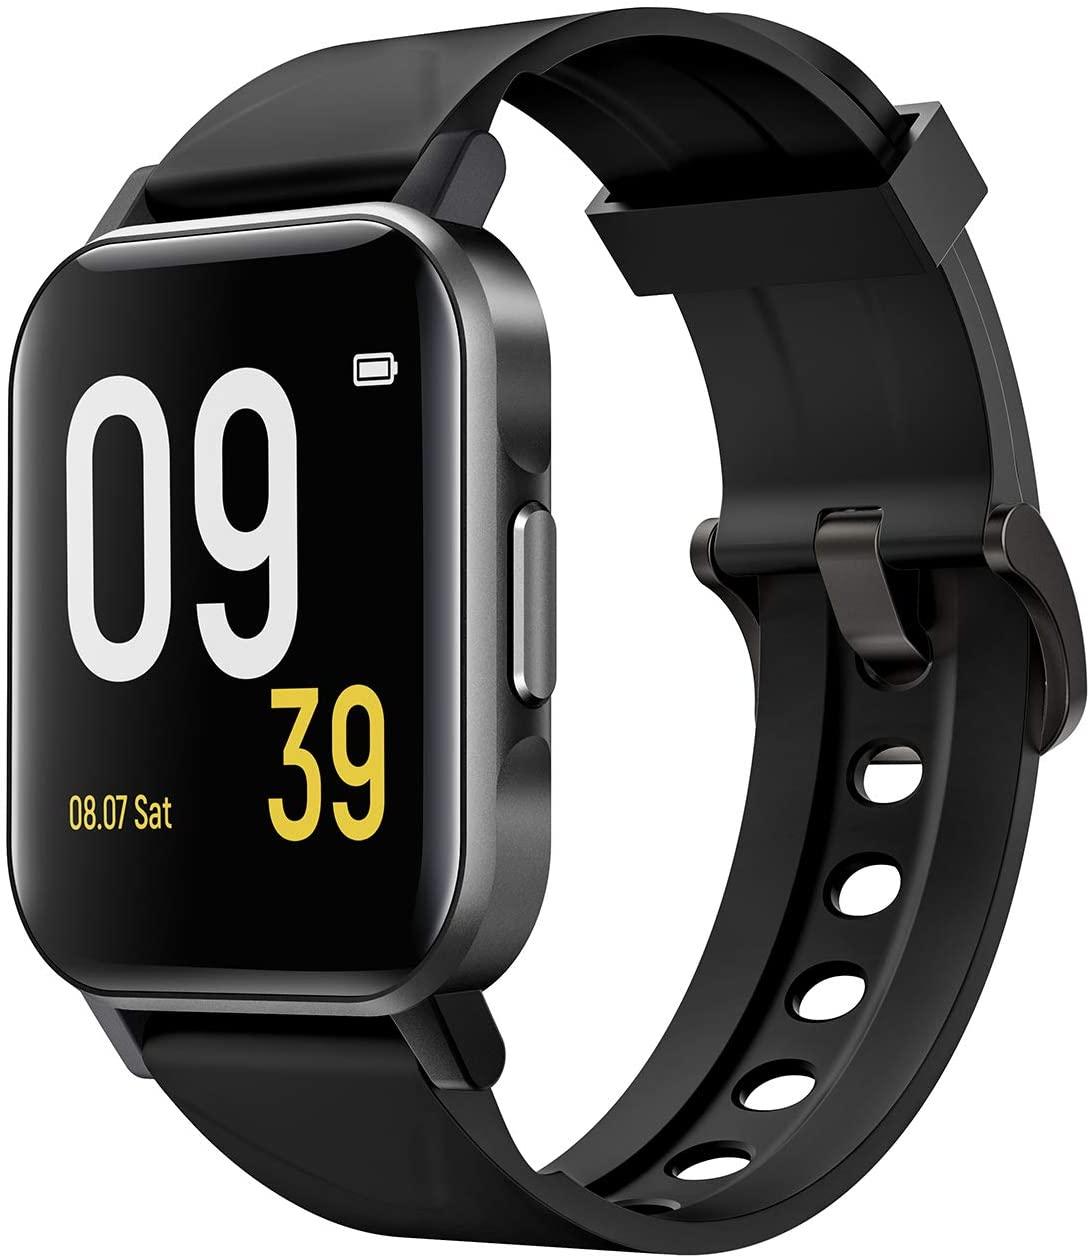 アマゾンでSOUNDPEATS Watch 1 スマートウォッチがセール中。普通HuaweiかXiaomi買うよね。